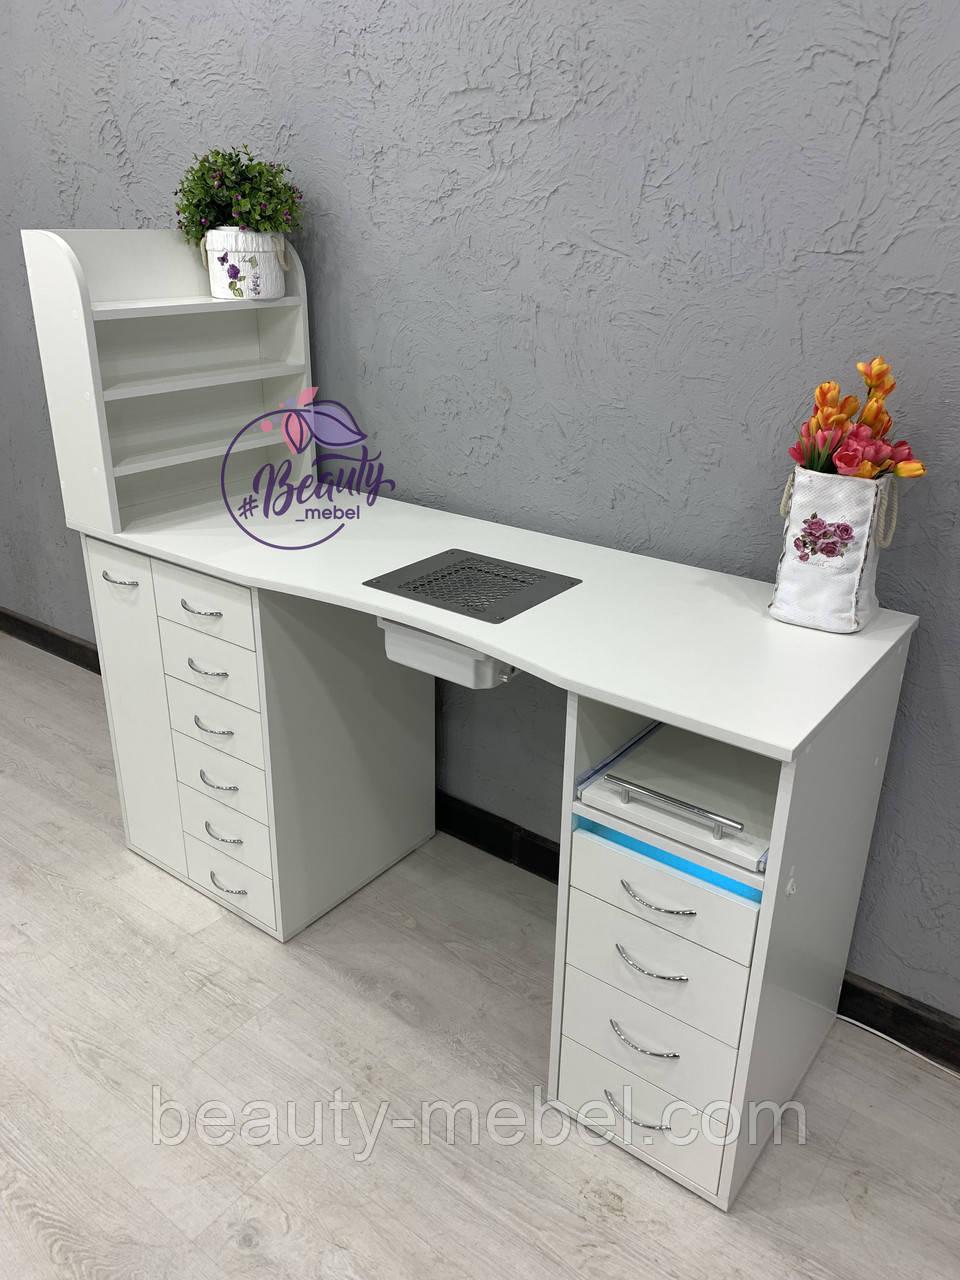 Стол для маникюра с вытяжкой, полочками для лаков и УФ-лампой